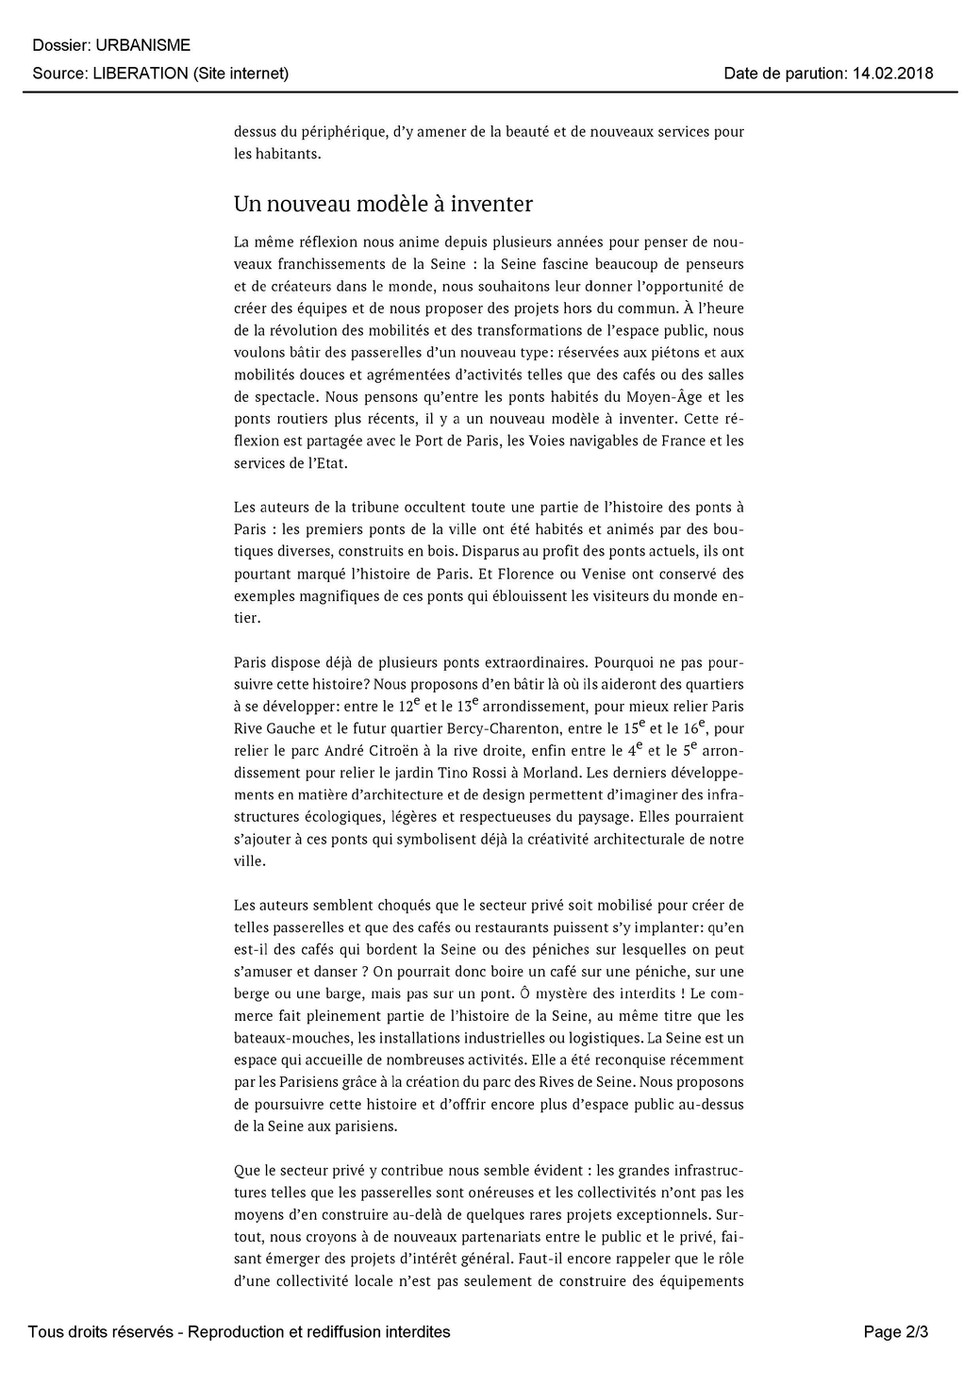 4_réponse_JL_Miisika_Page_2.jpg